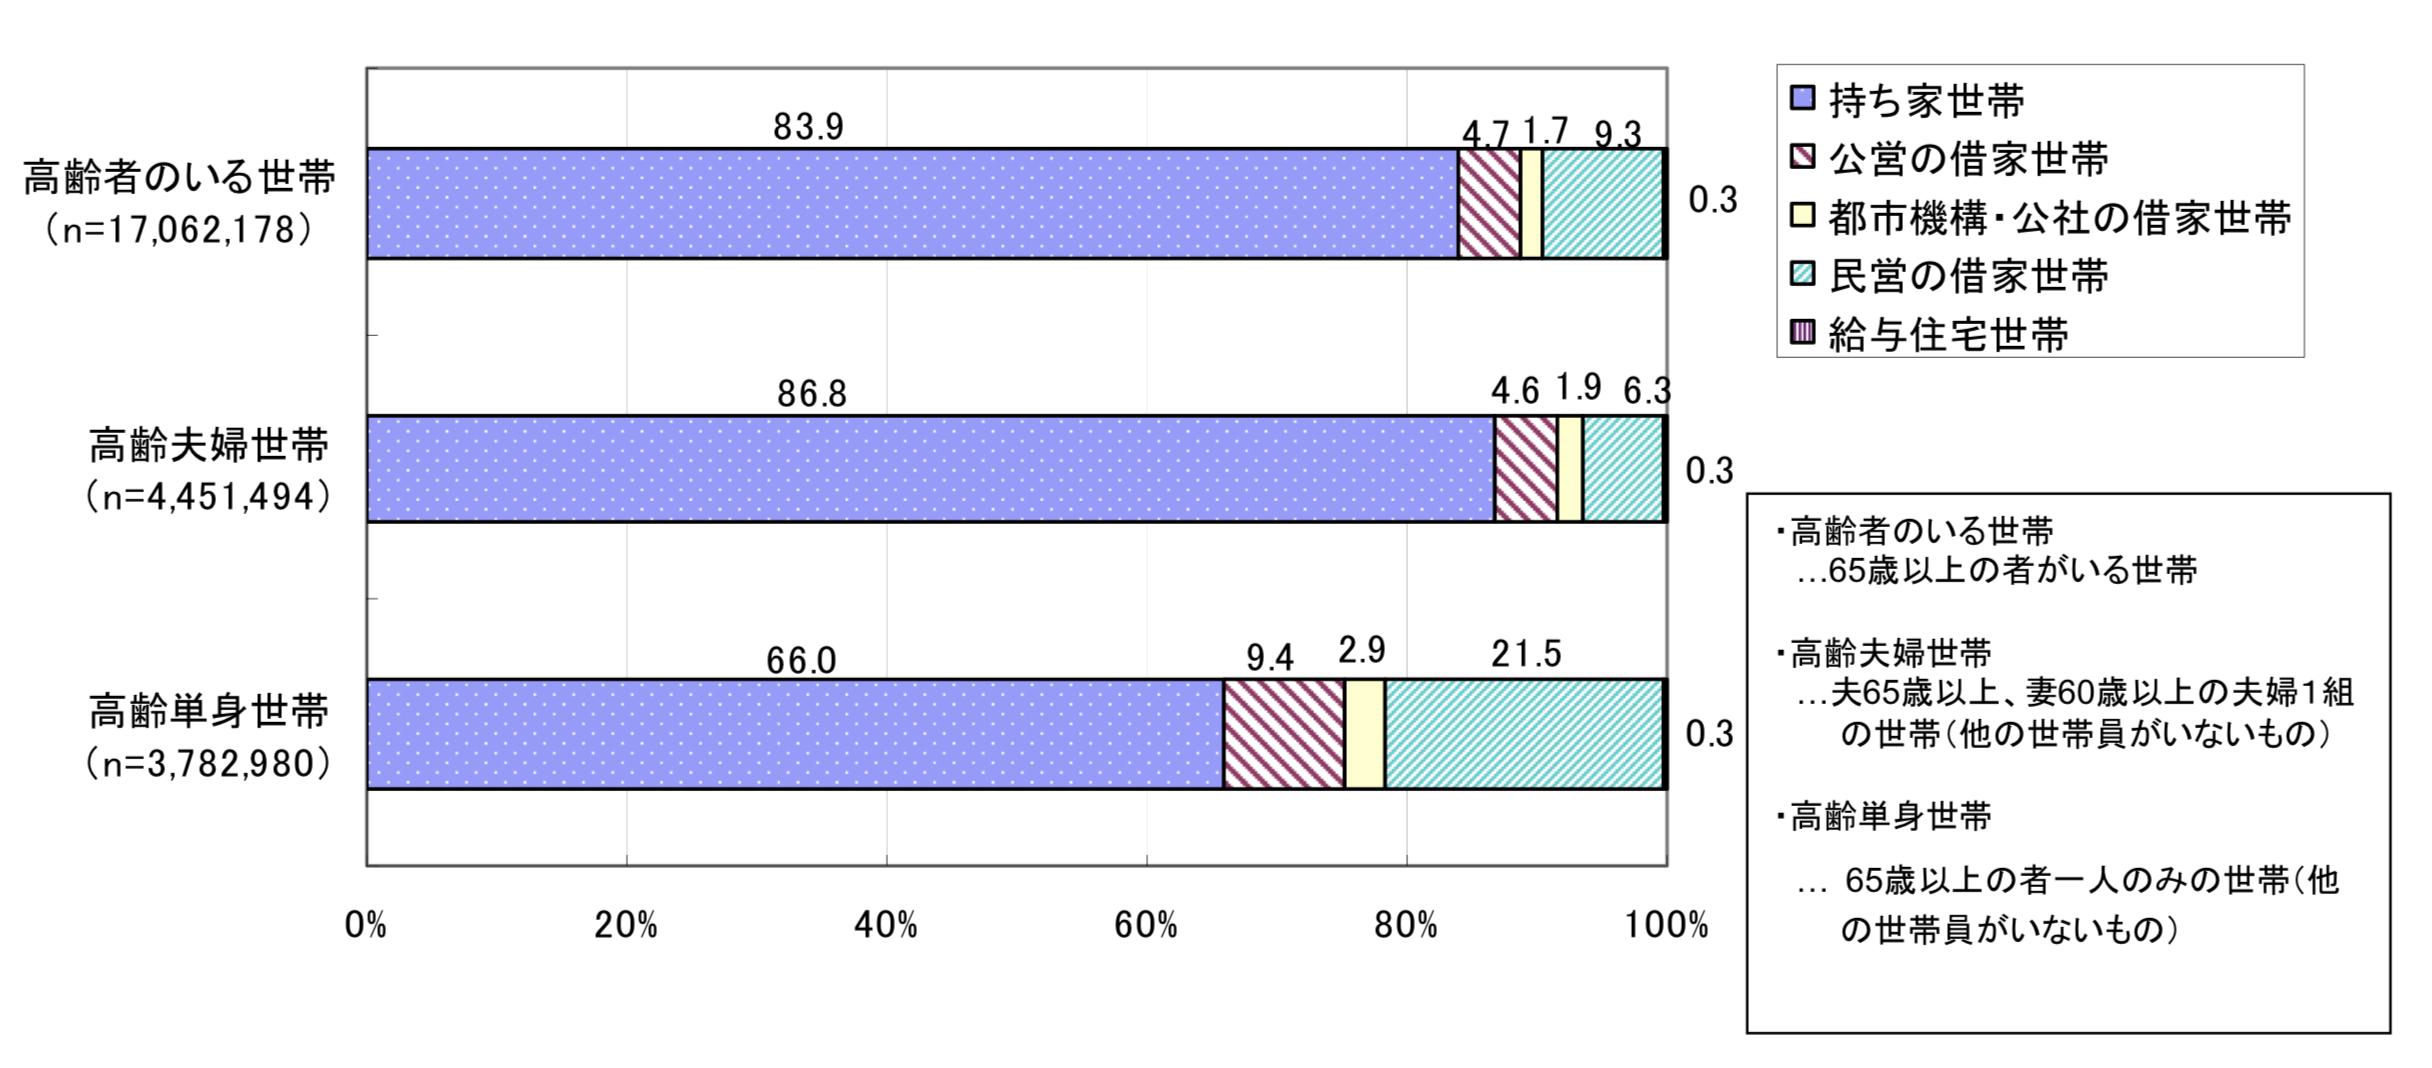 高齢単身者の持ち家比率